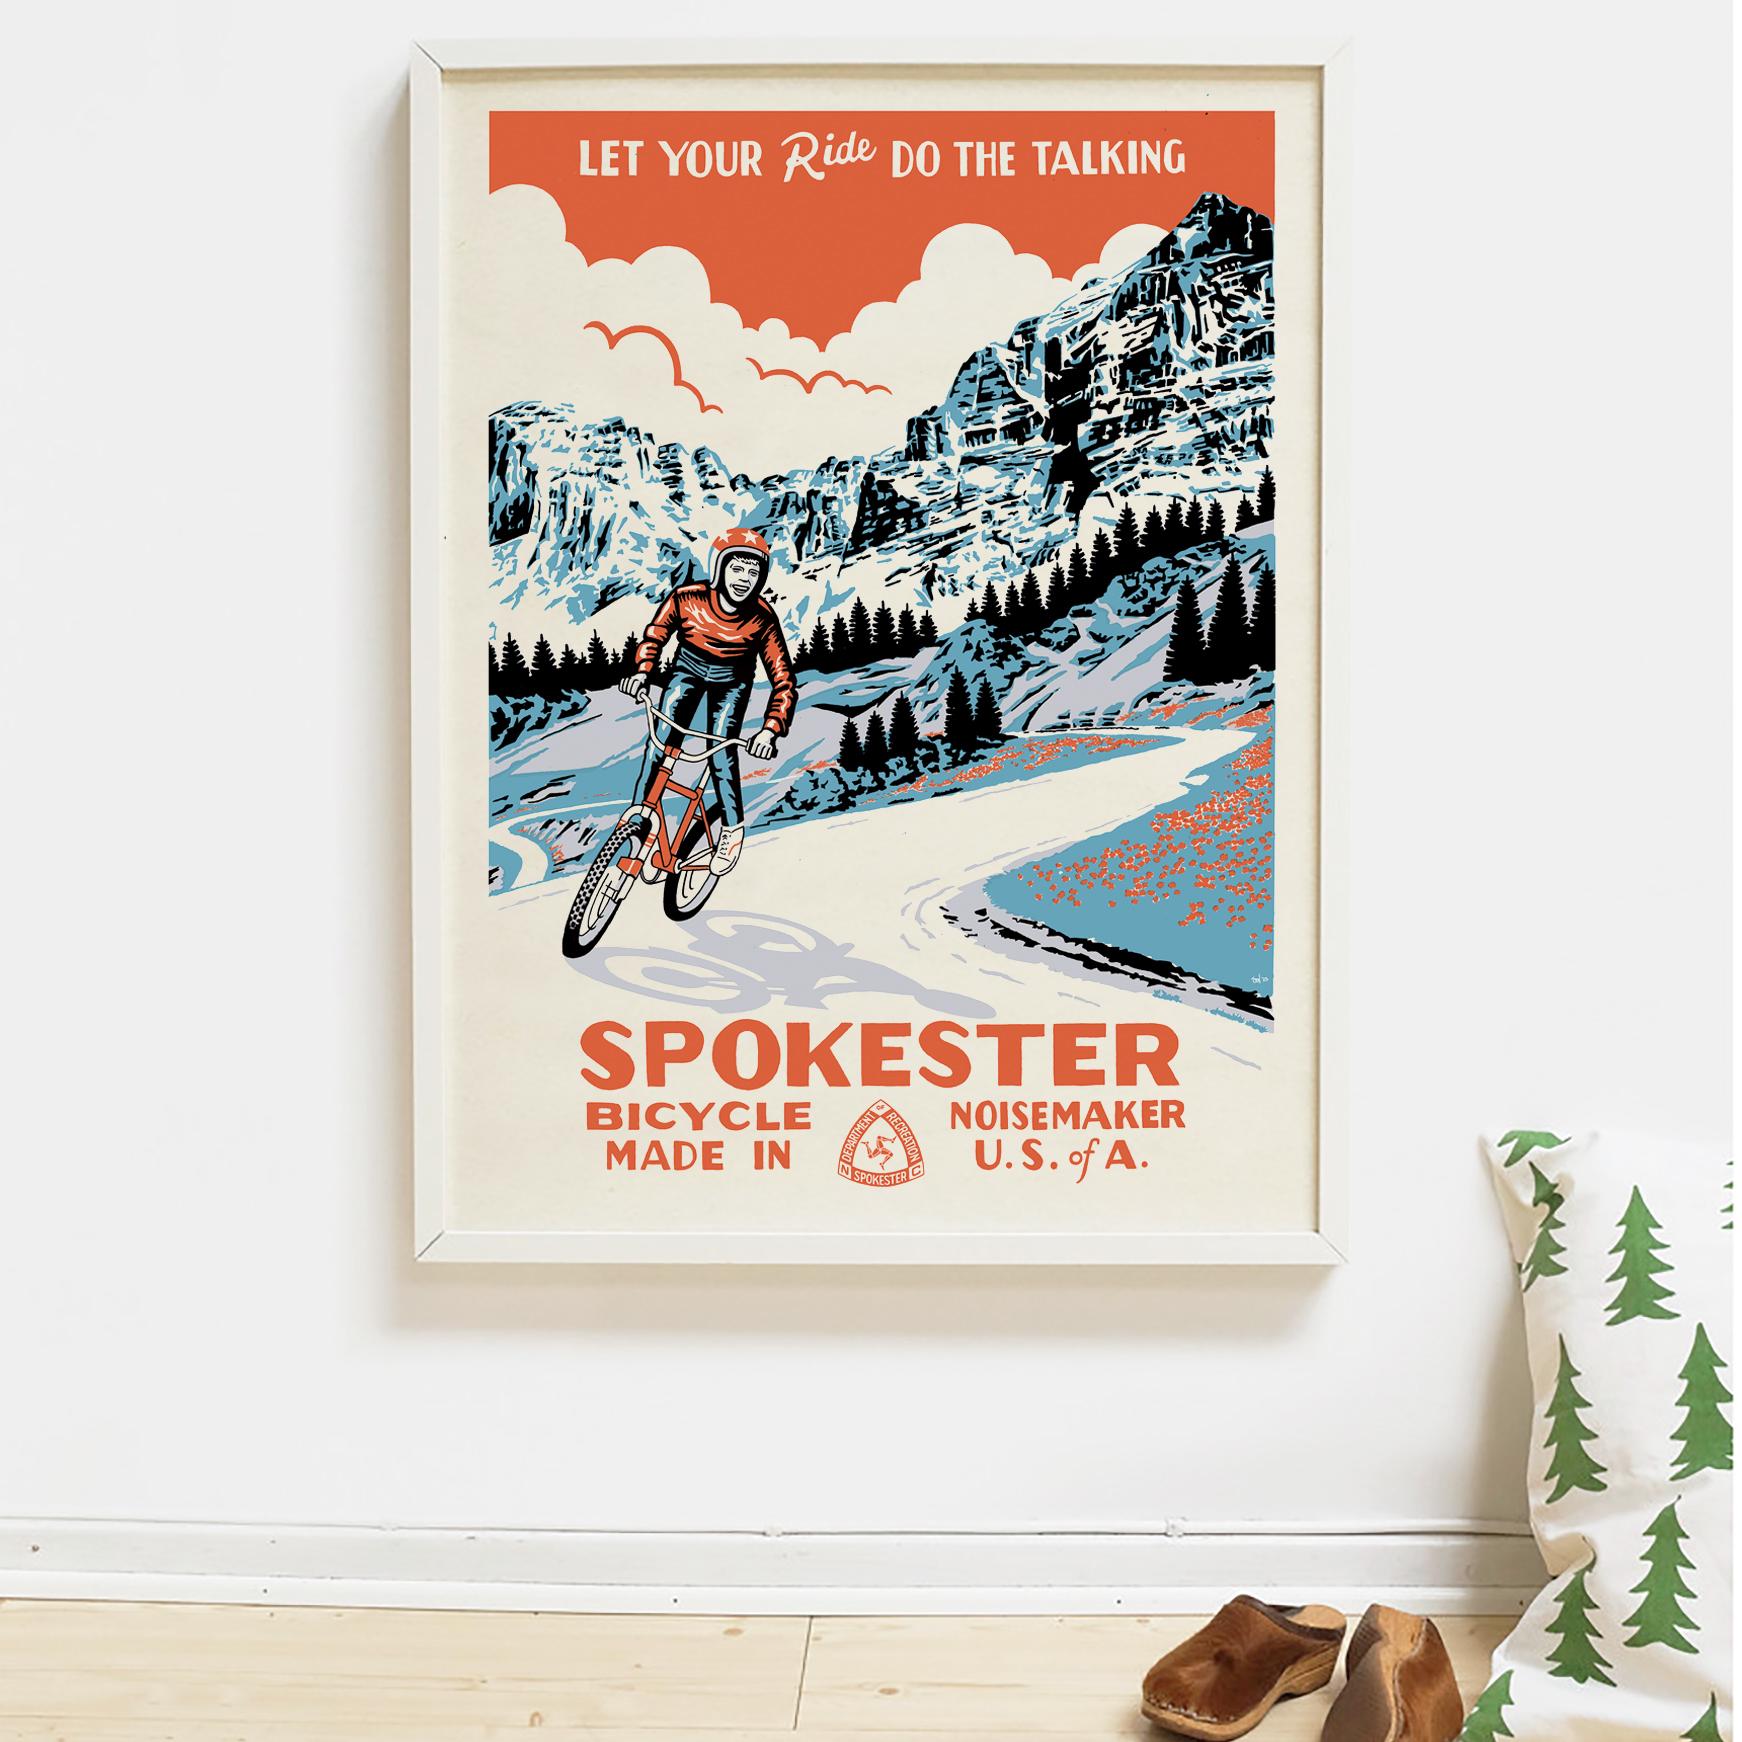 Spokester - Poster design, art direction